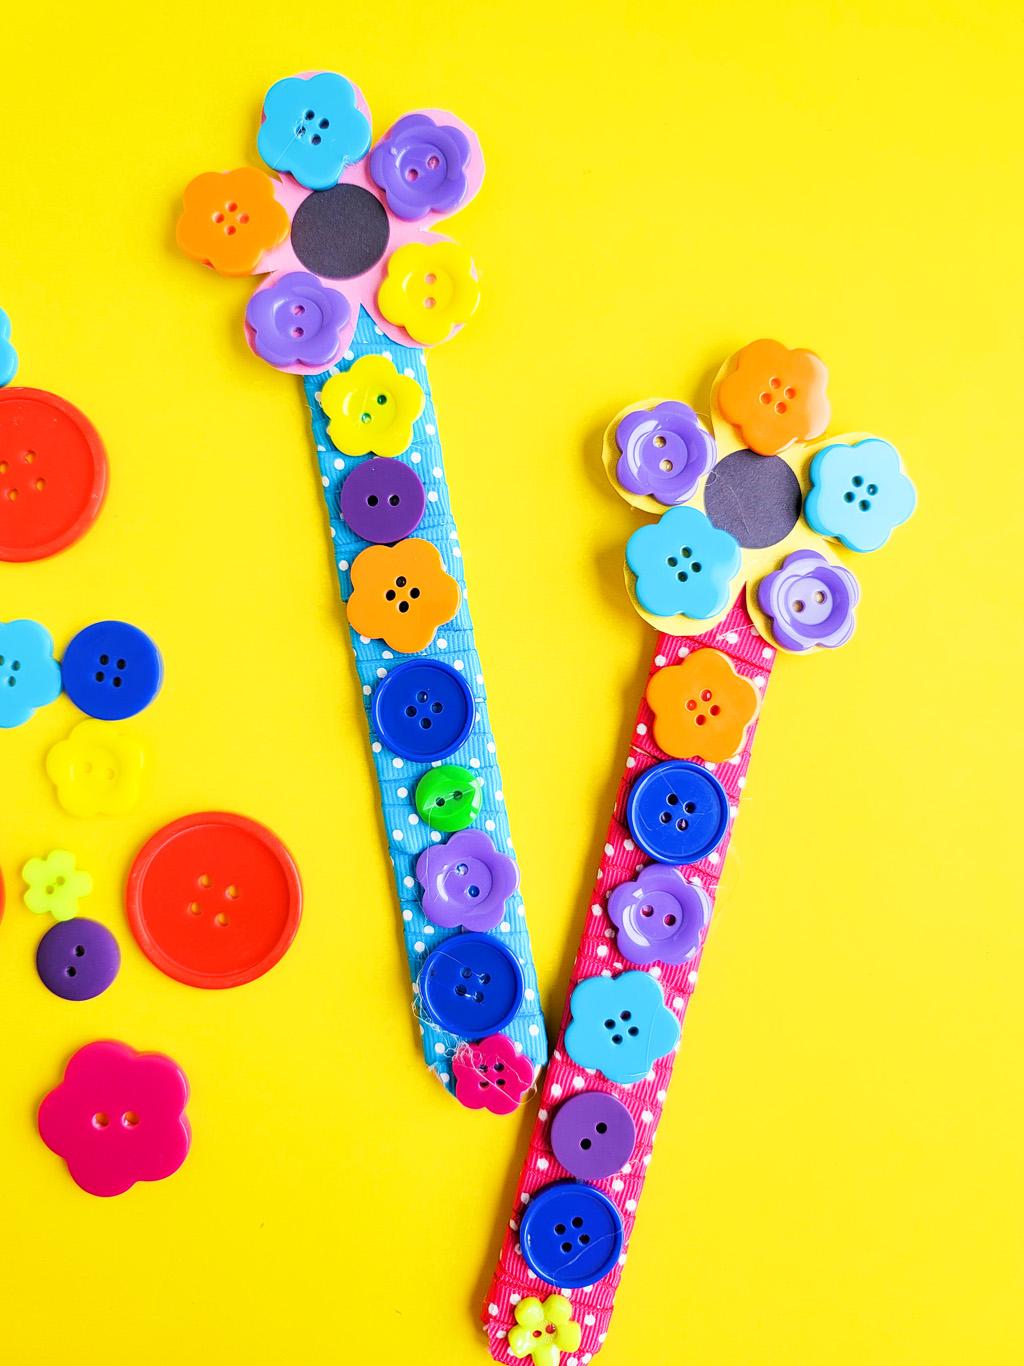 DIY Mother's Day Gift Ideas: Flower Buttons Bookmark littleeatsandthings.com littleeatsandthings.com